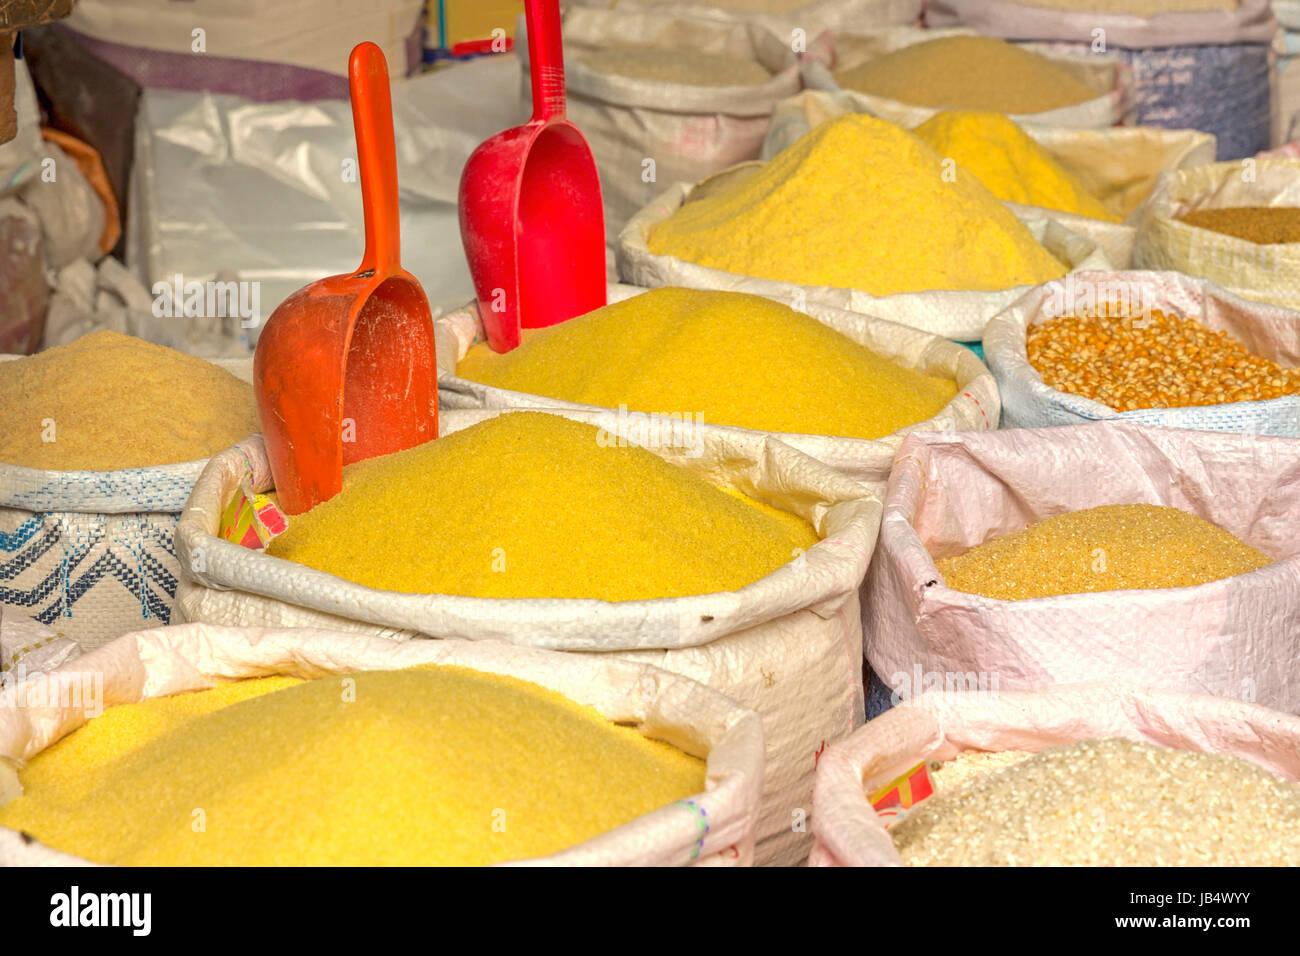 Grundnahrungsmittel, Markt in Marokko - Stock Image